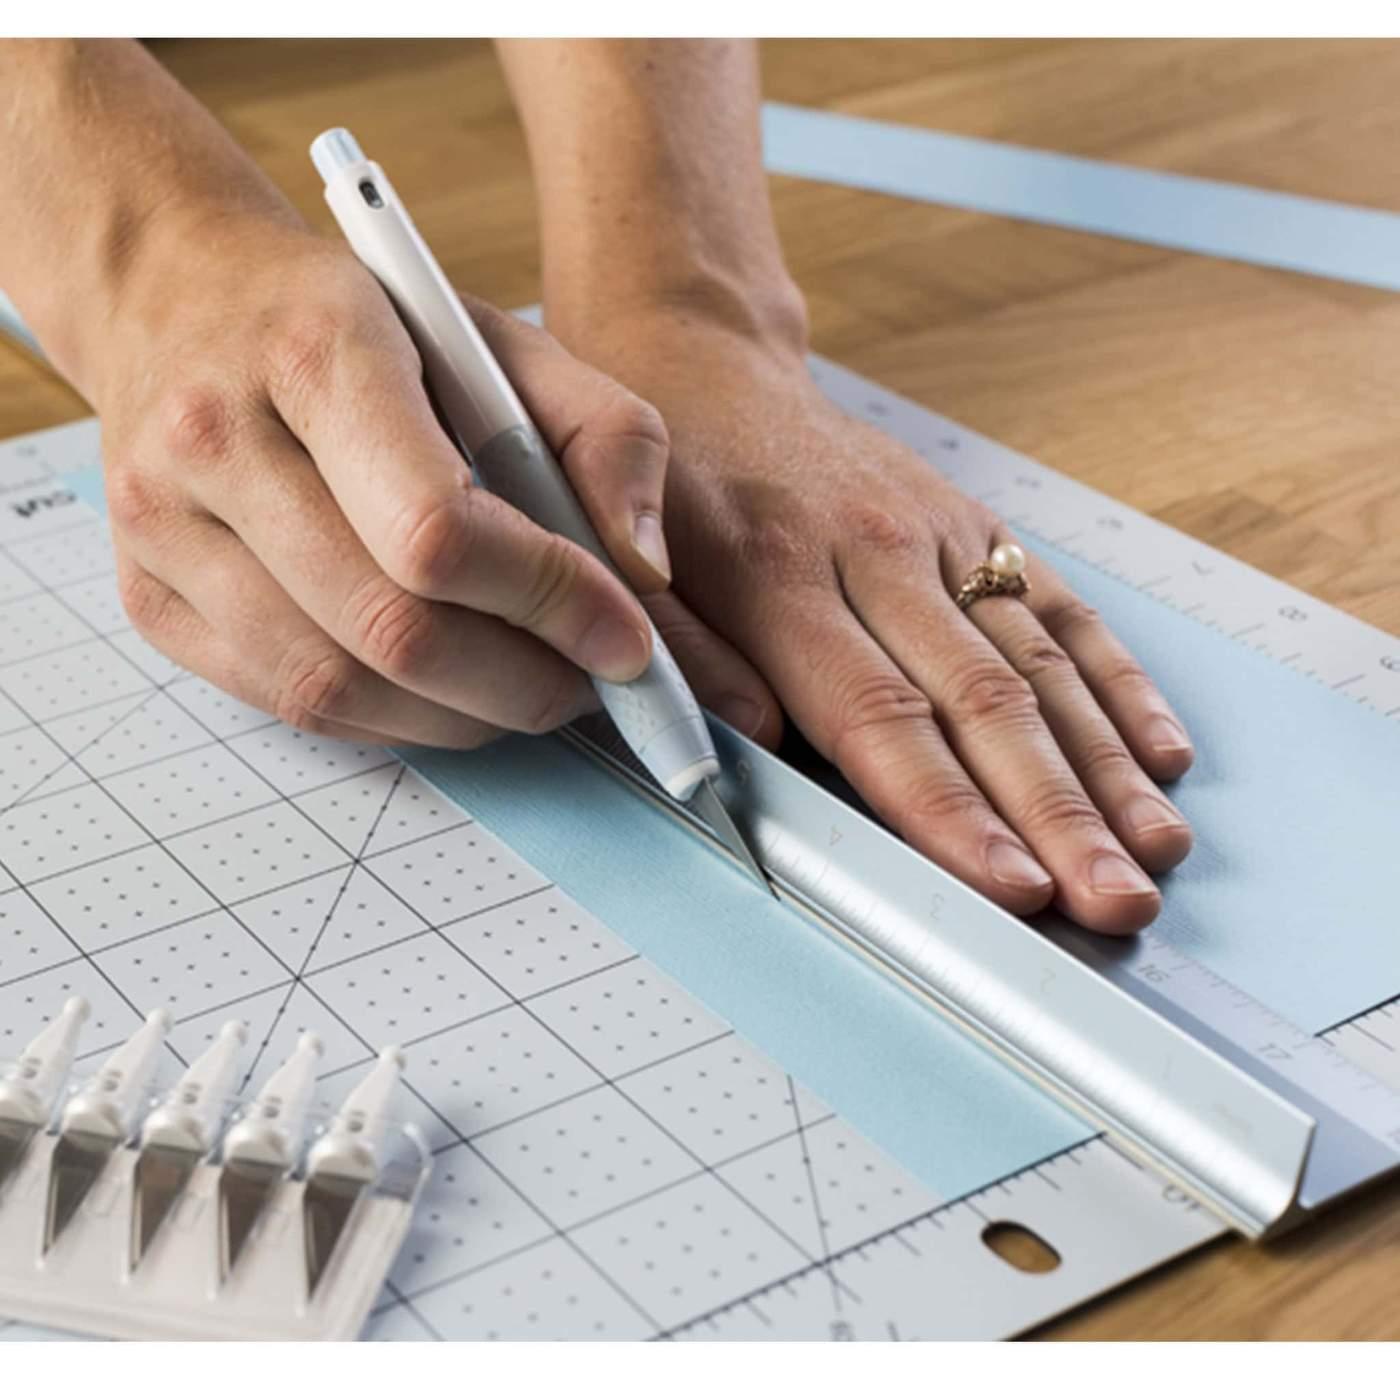 Herramientas para cortar papel de forma exitosa y con buenos acabados